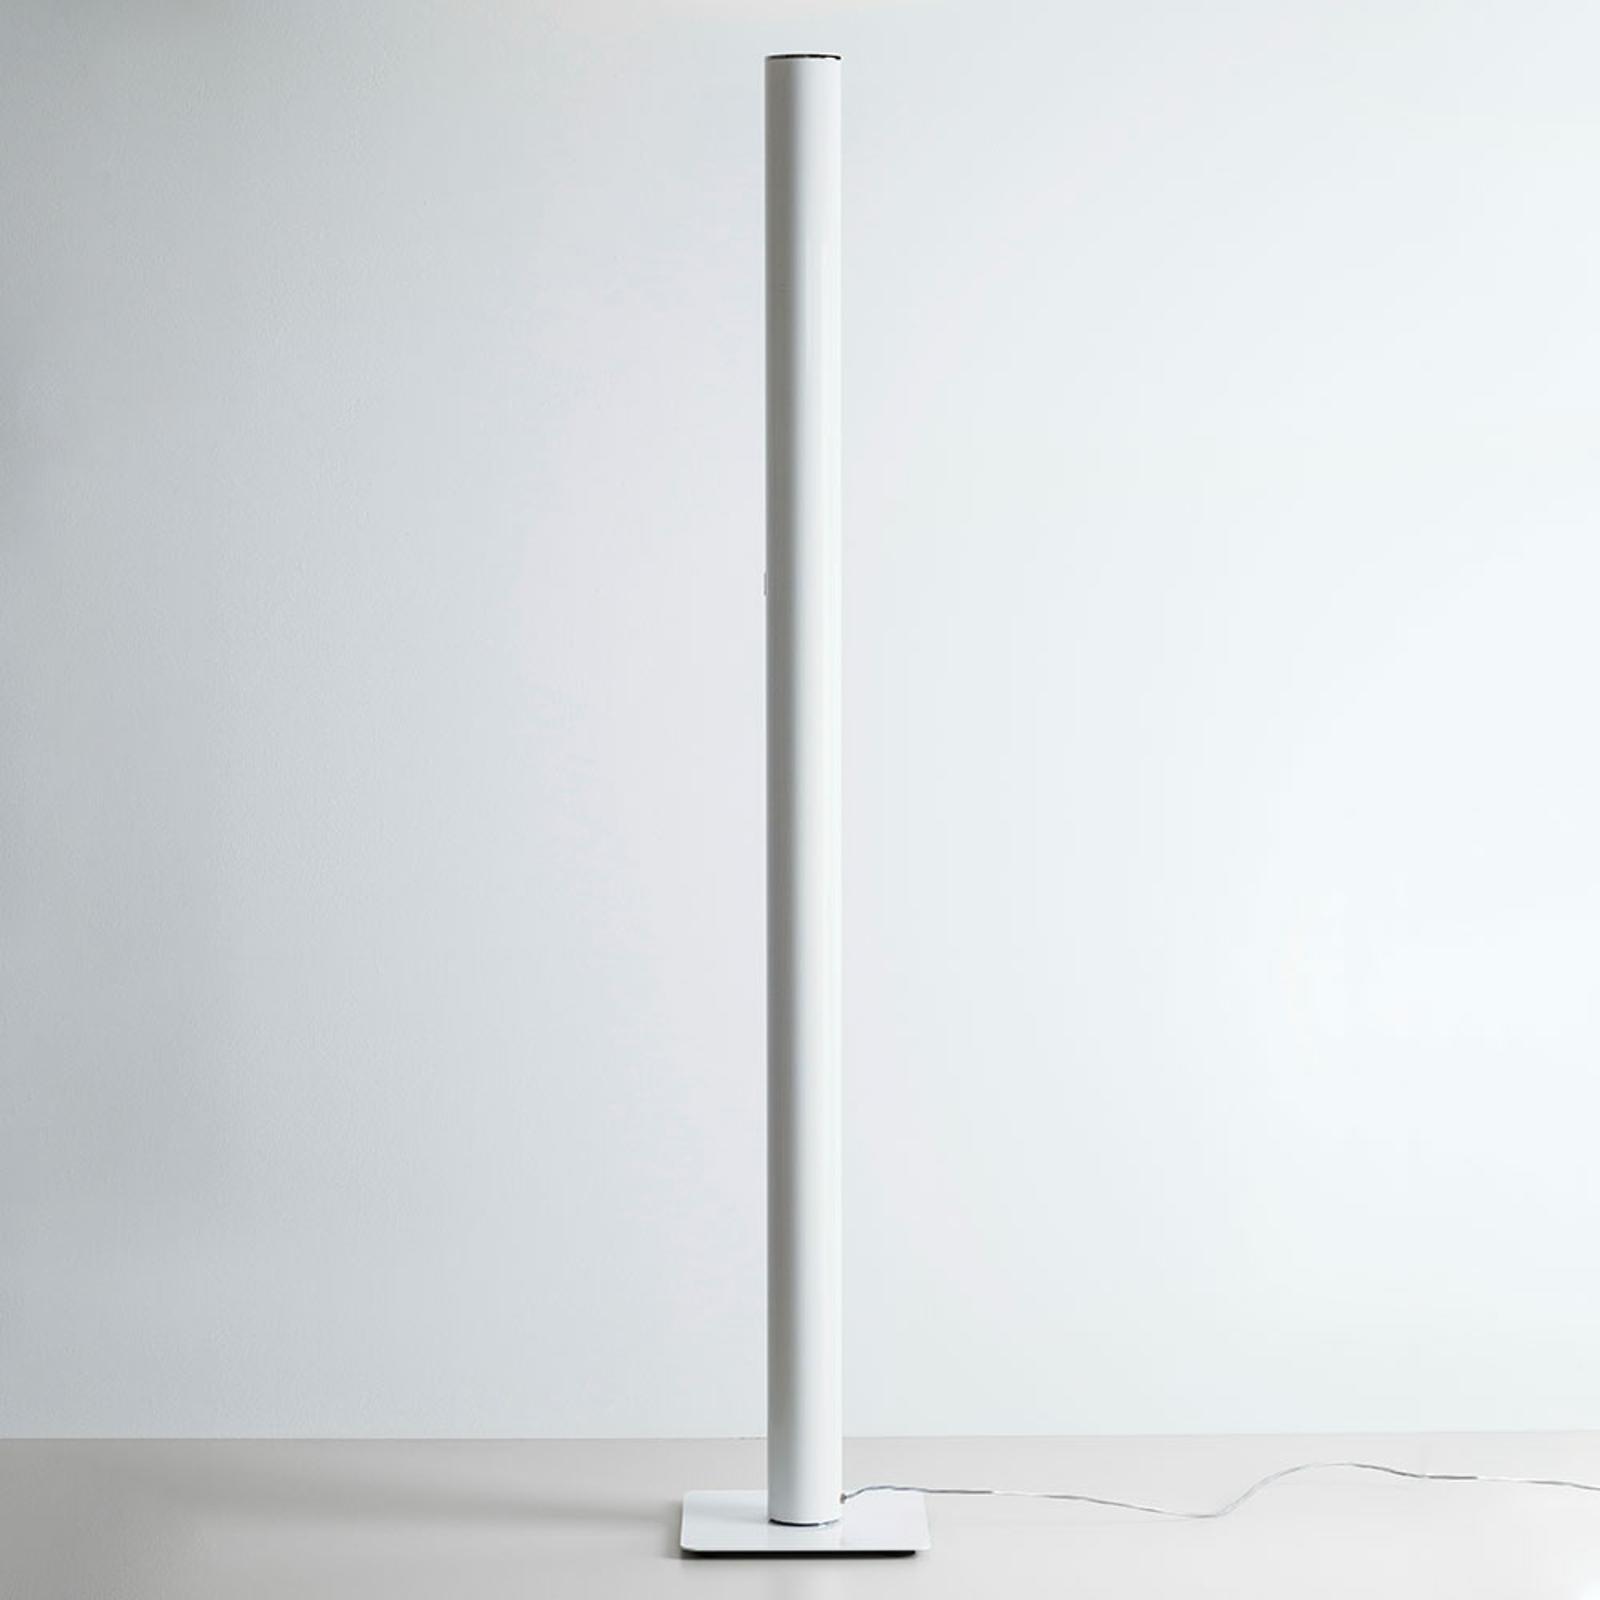 Artemide Ilio LED-lattiavalo sovellus valk. 3000K